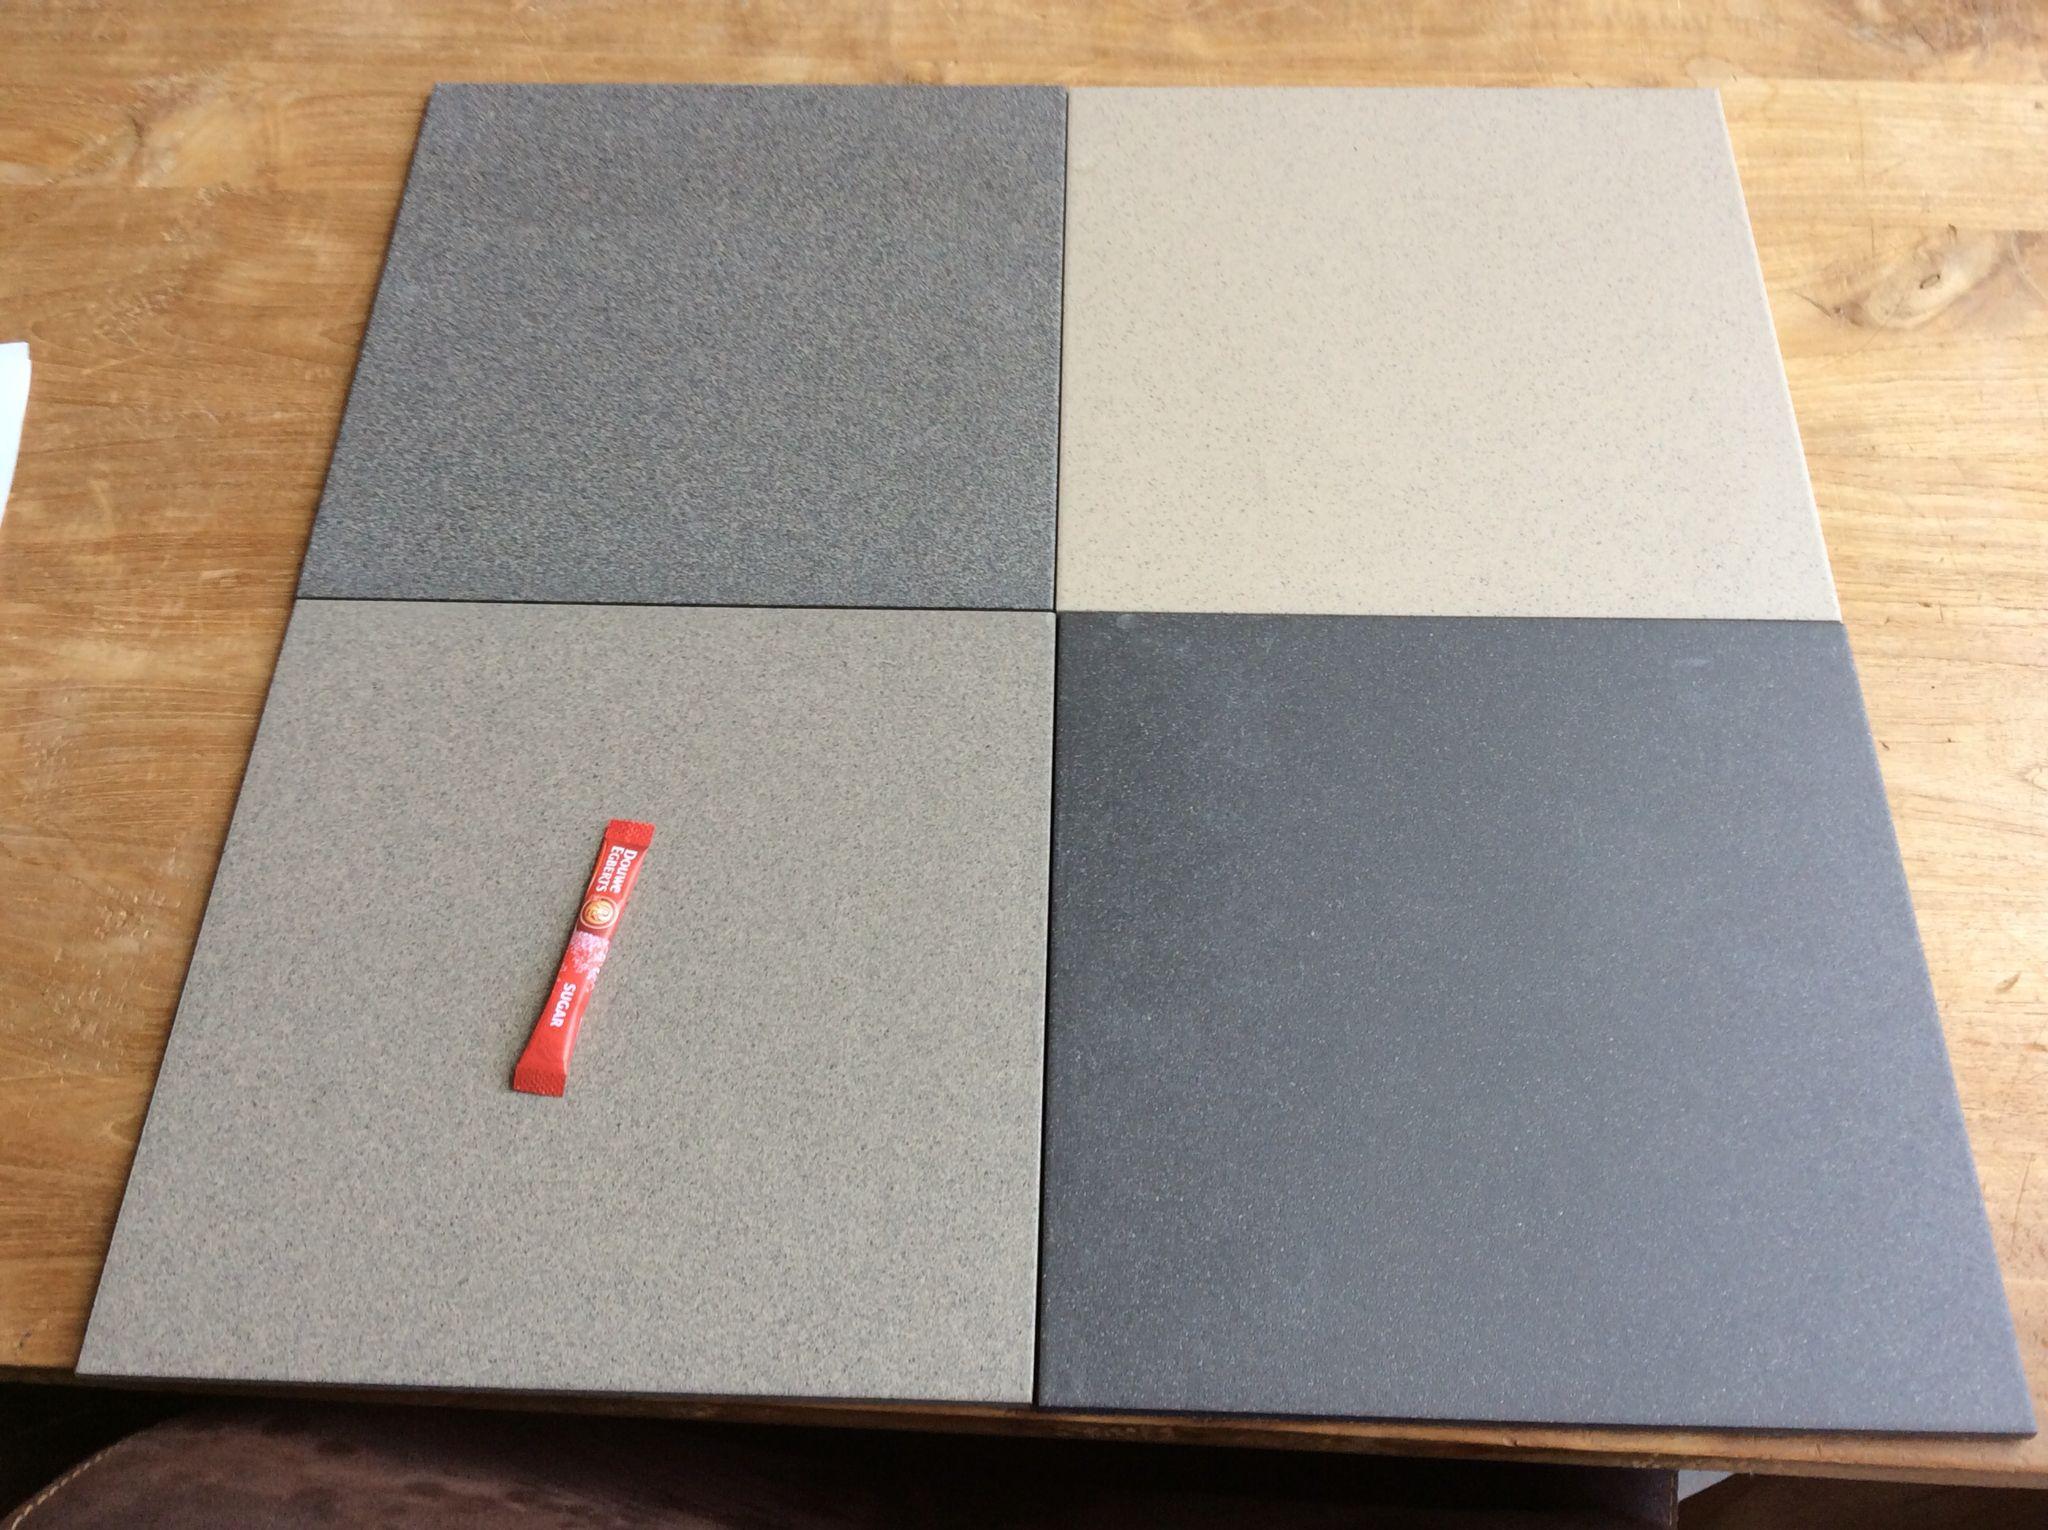 rak gpd vloertegels 59 100x100 cm rak tegels pinterest